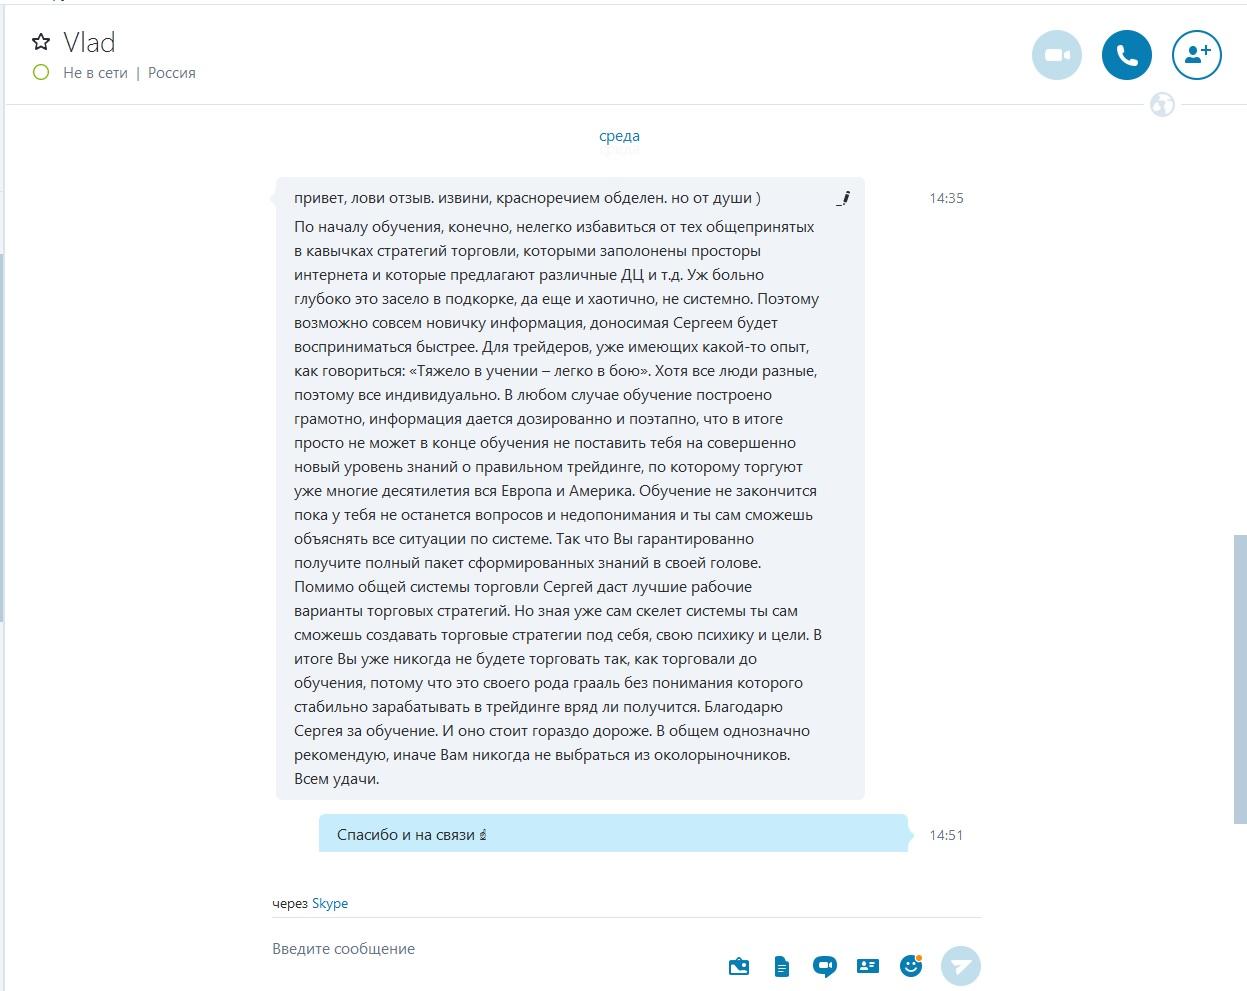 Отзыв Владимира